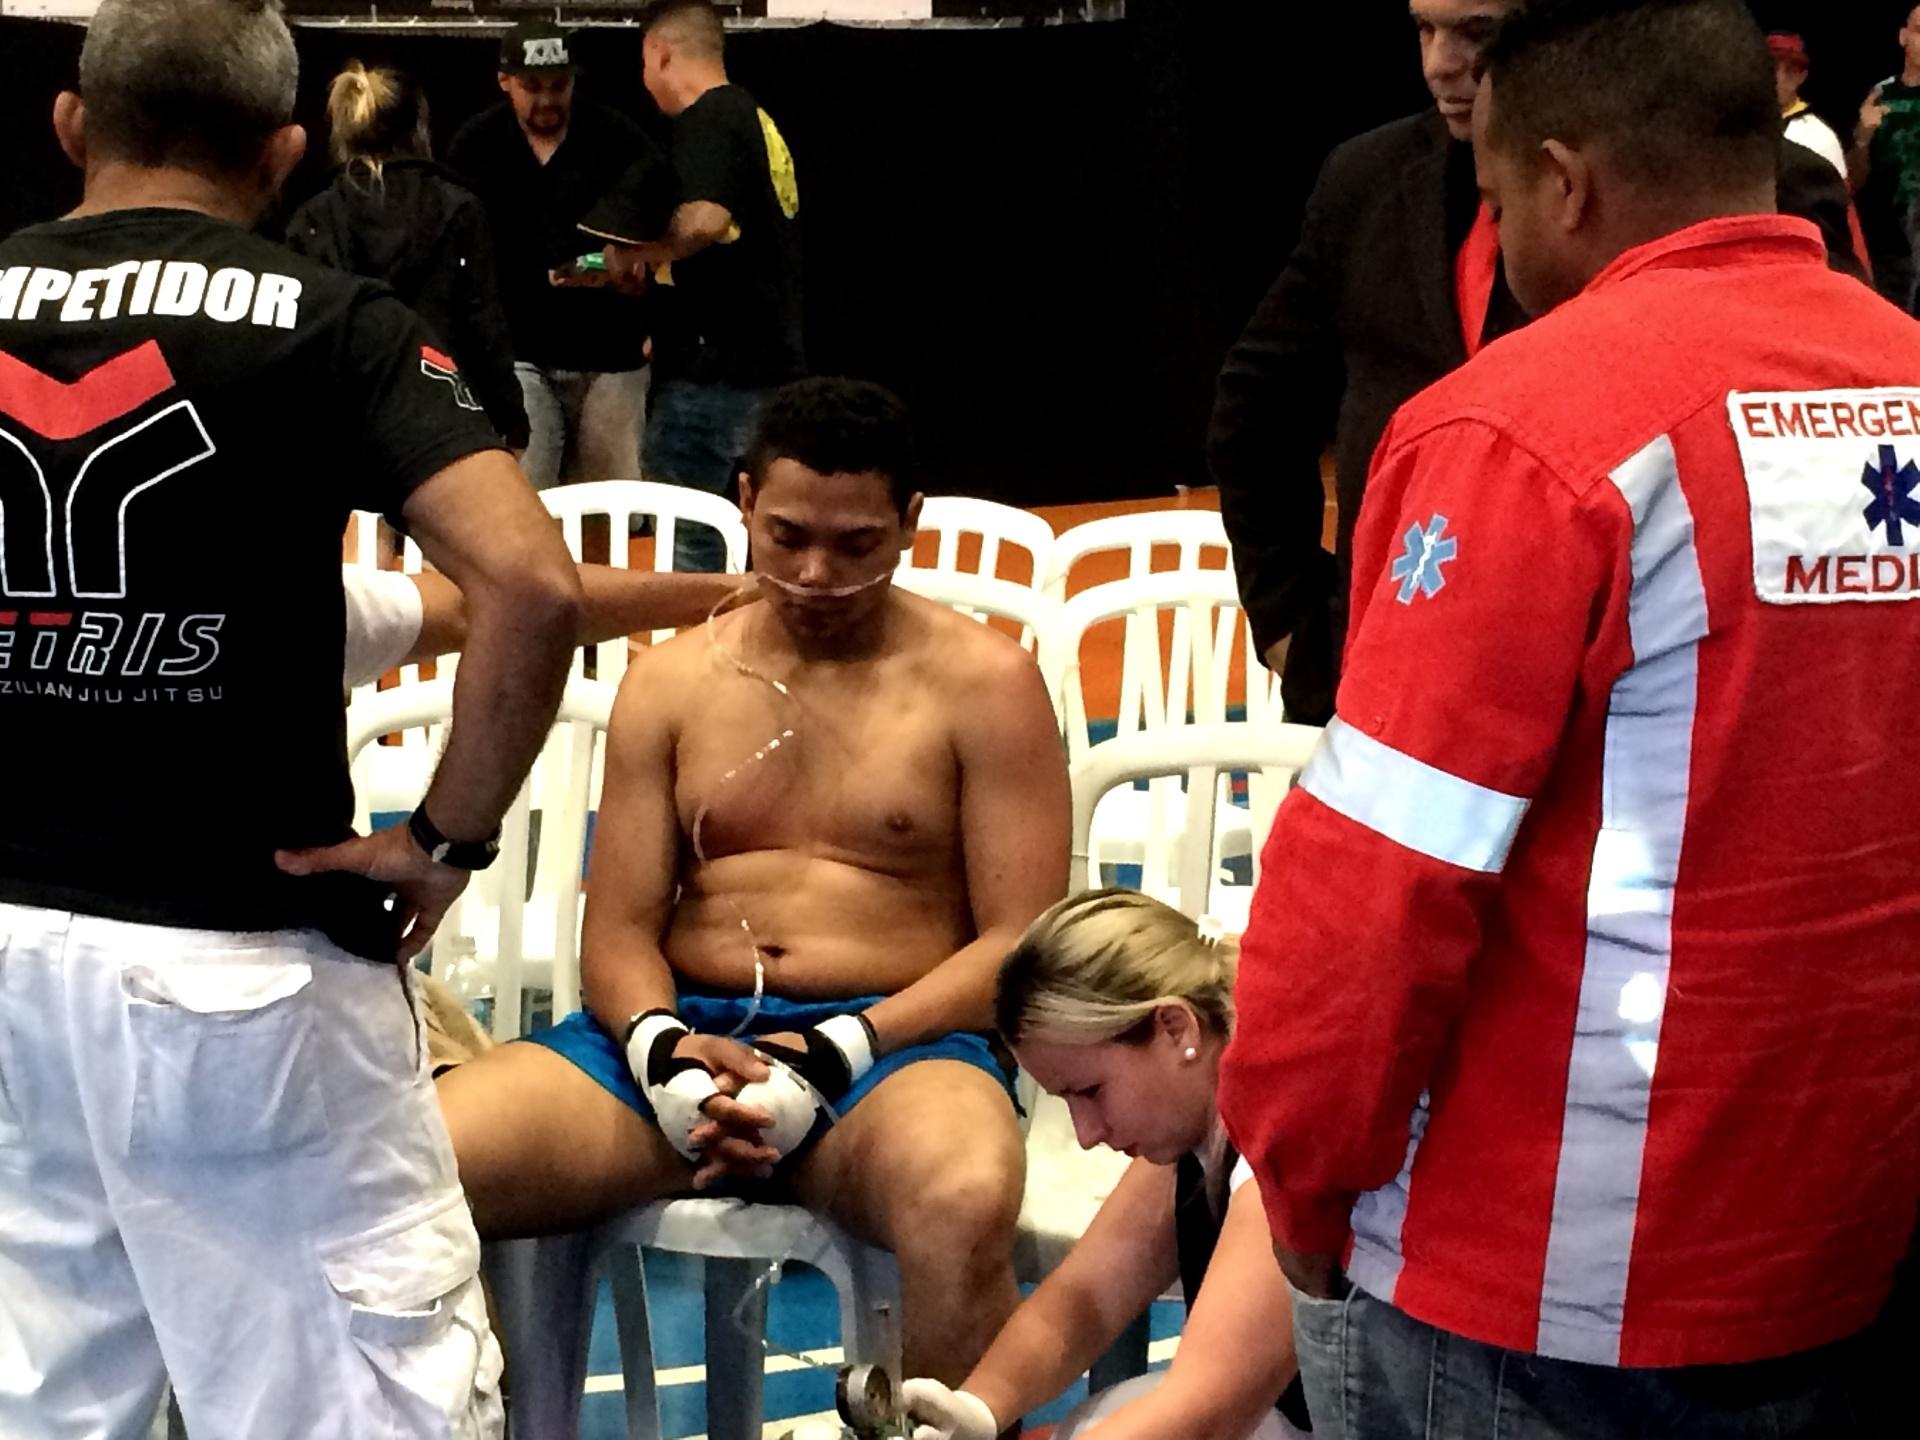 Lutador respira com auxílio de bomba de oxigênio após luta de MMA em São Paulo